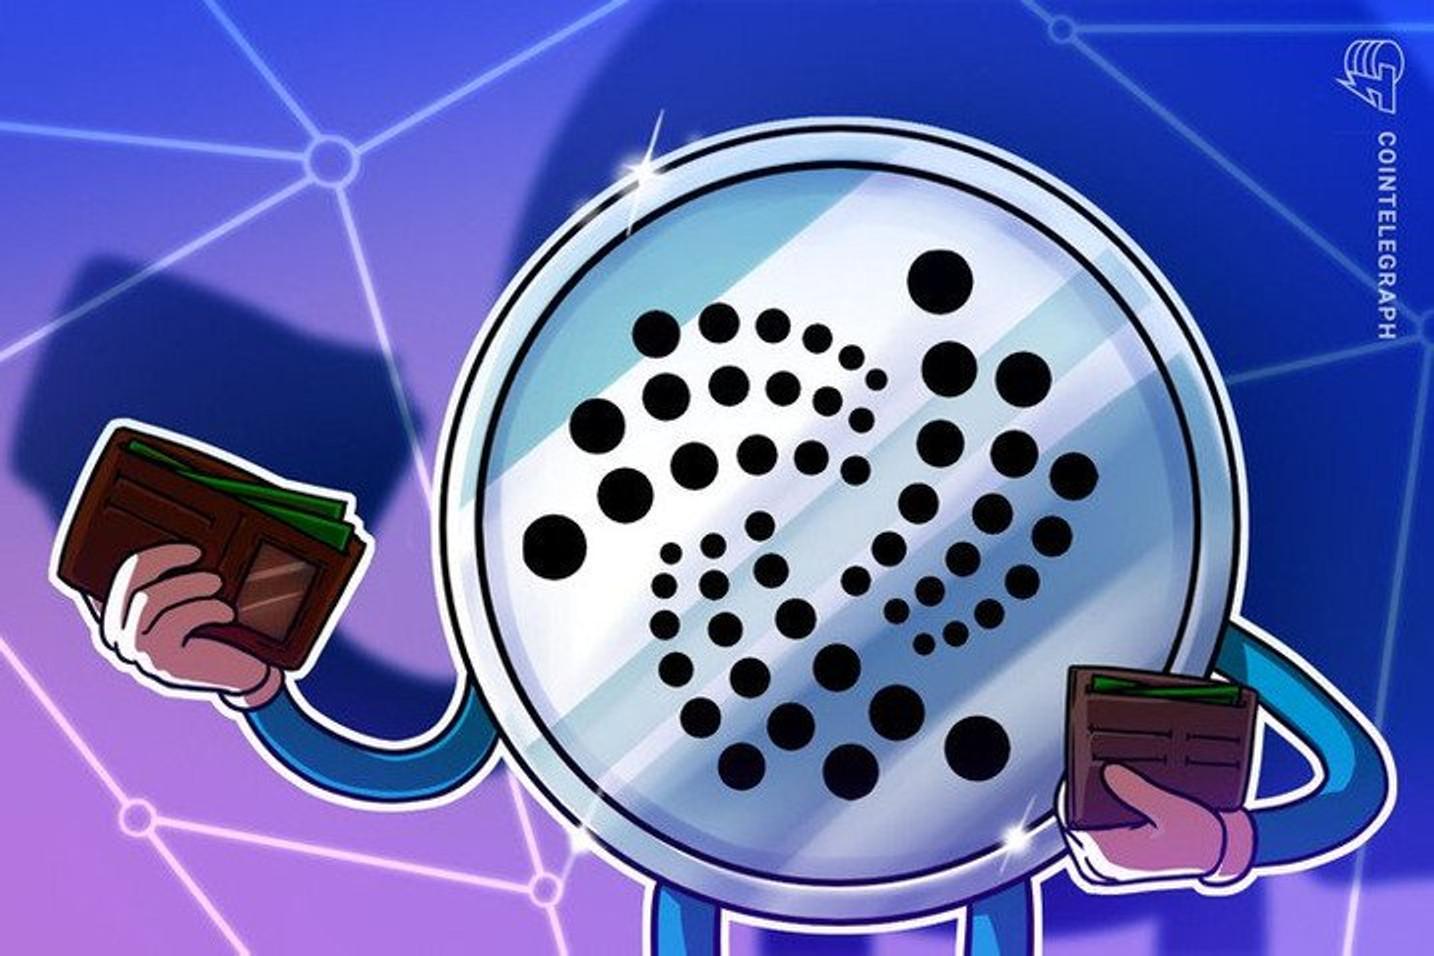 Hack der Trinity Wallet: IOTA zieht Lehren für künftige Softwareentwicklung